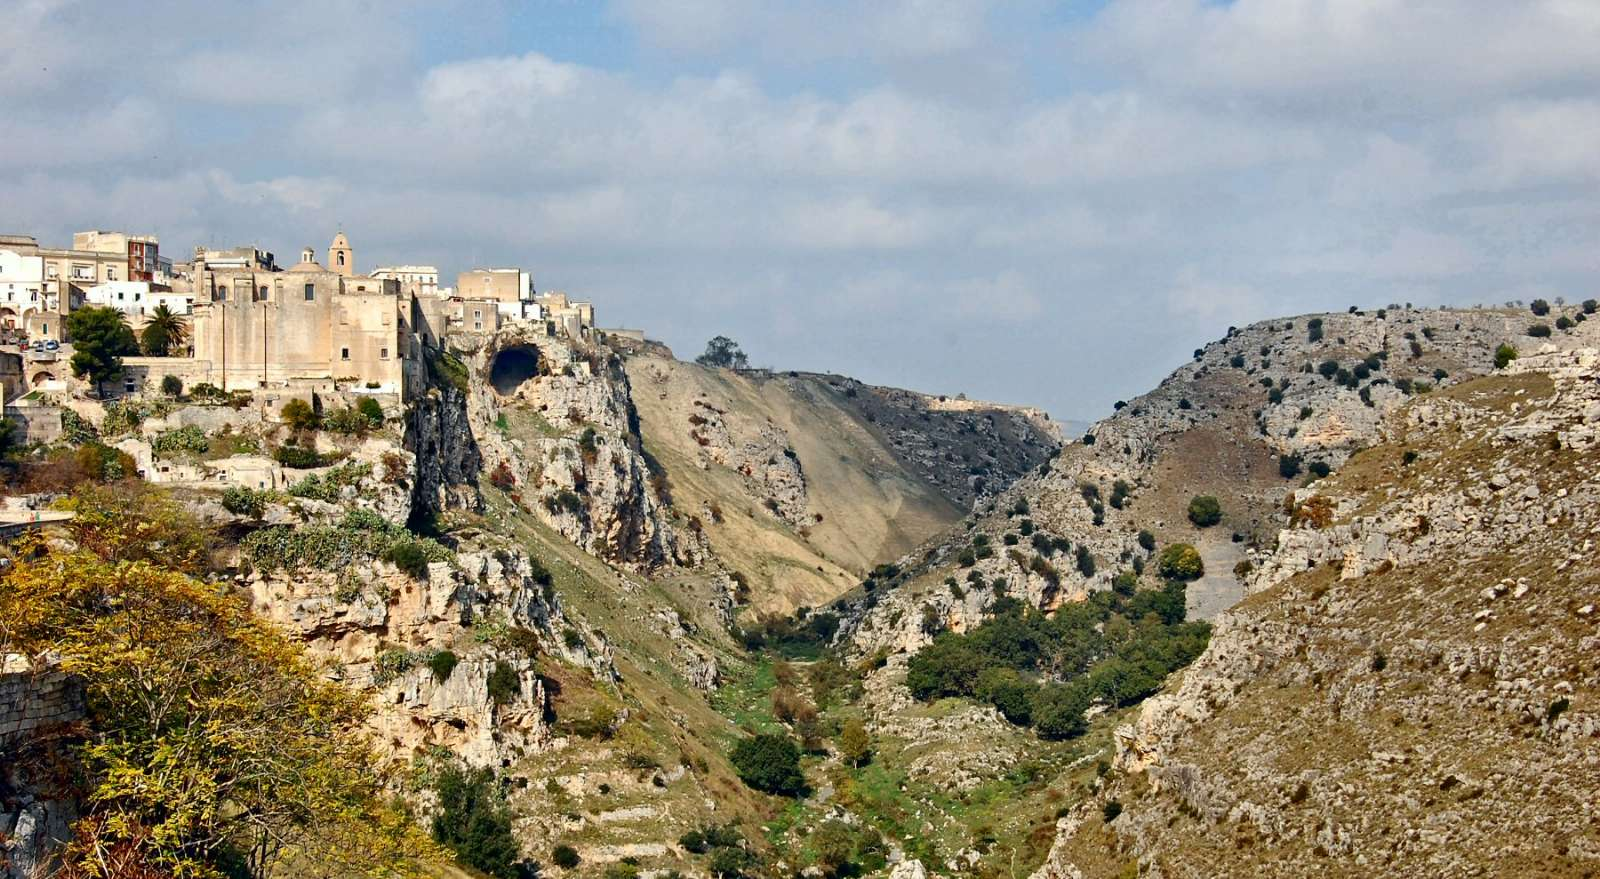 Le ravin de Gravina et les églises rupestres